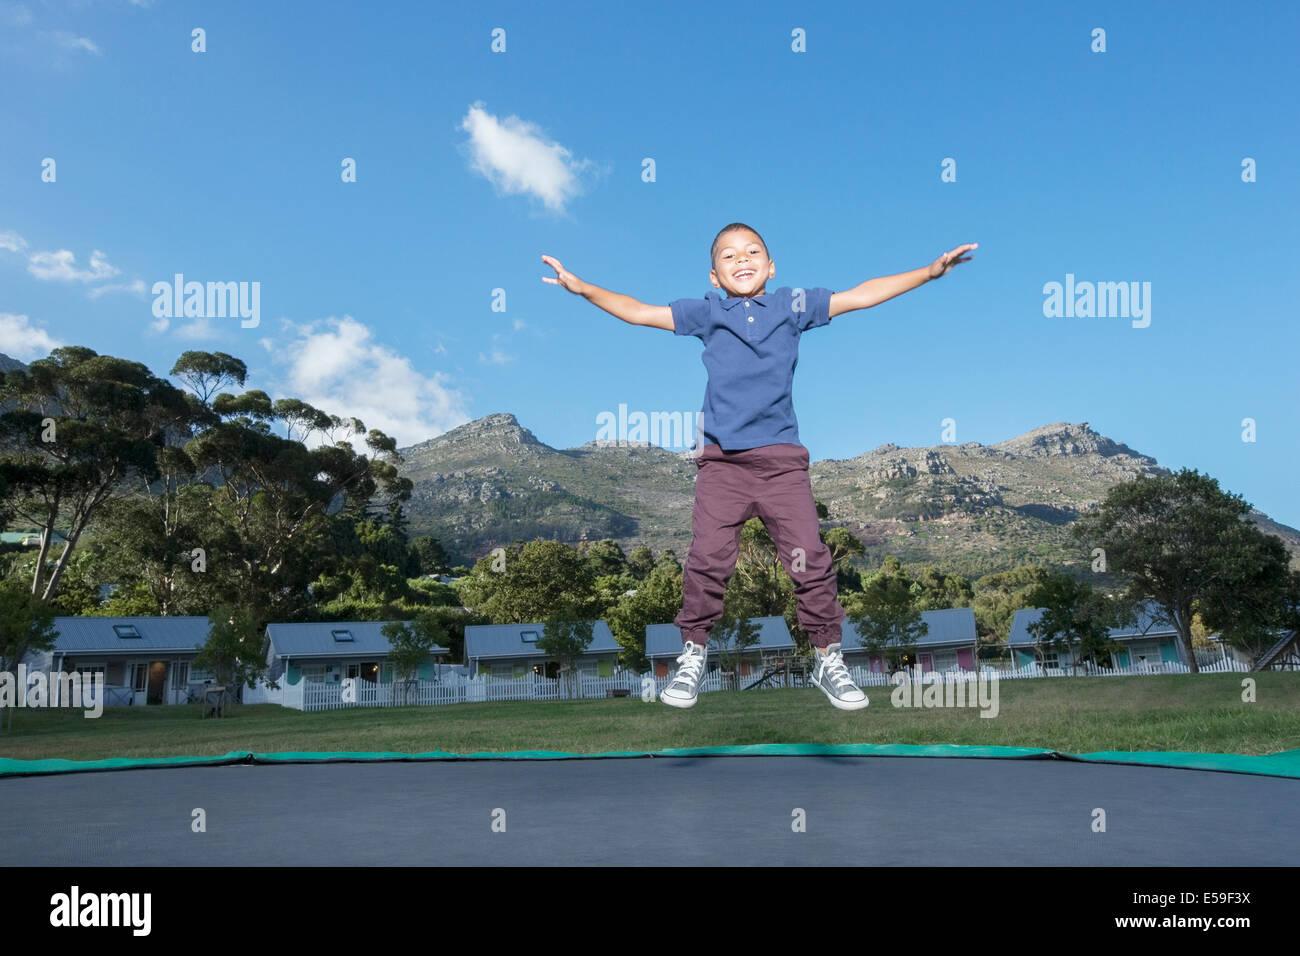 Junge, springen auf dem Trampolin im freien Stockbild